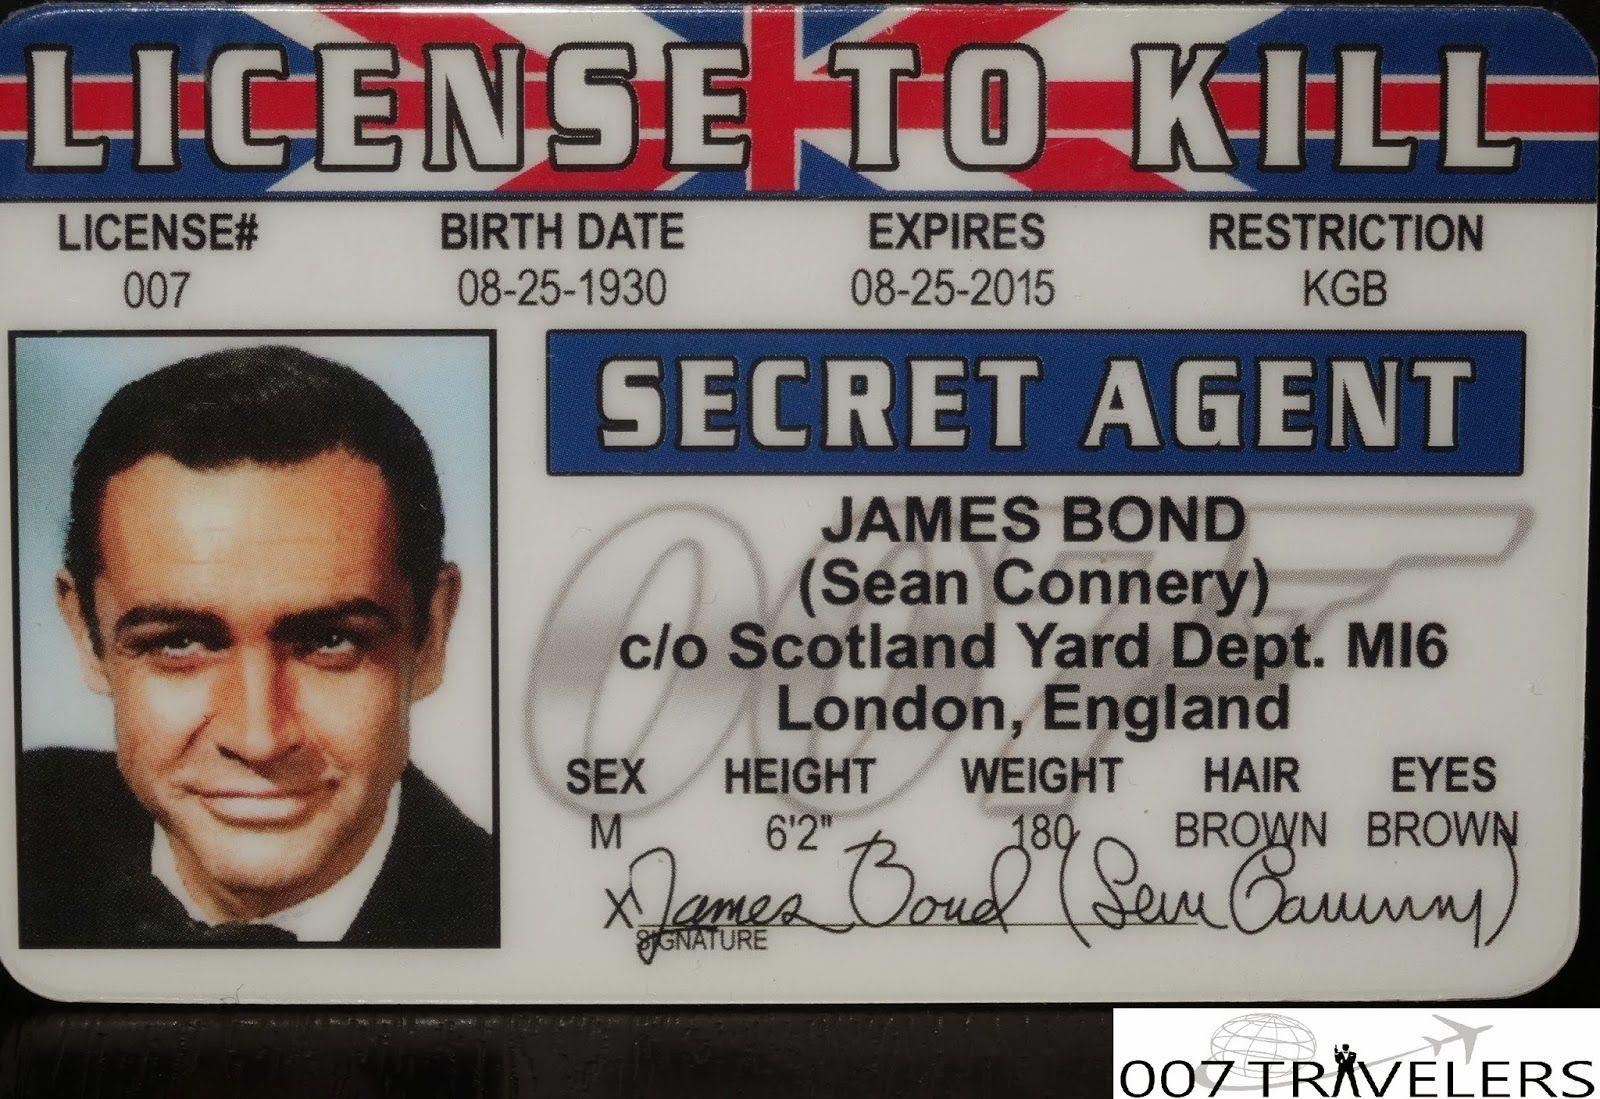 007 Item License To Kill Id Card Id Card Template Licence To Kill Card Template